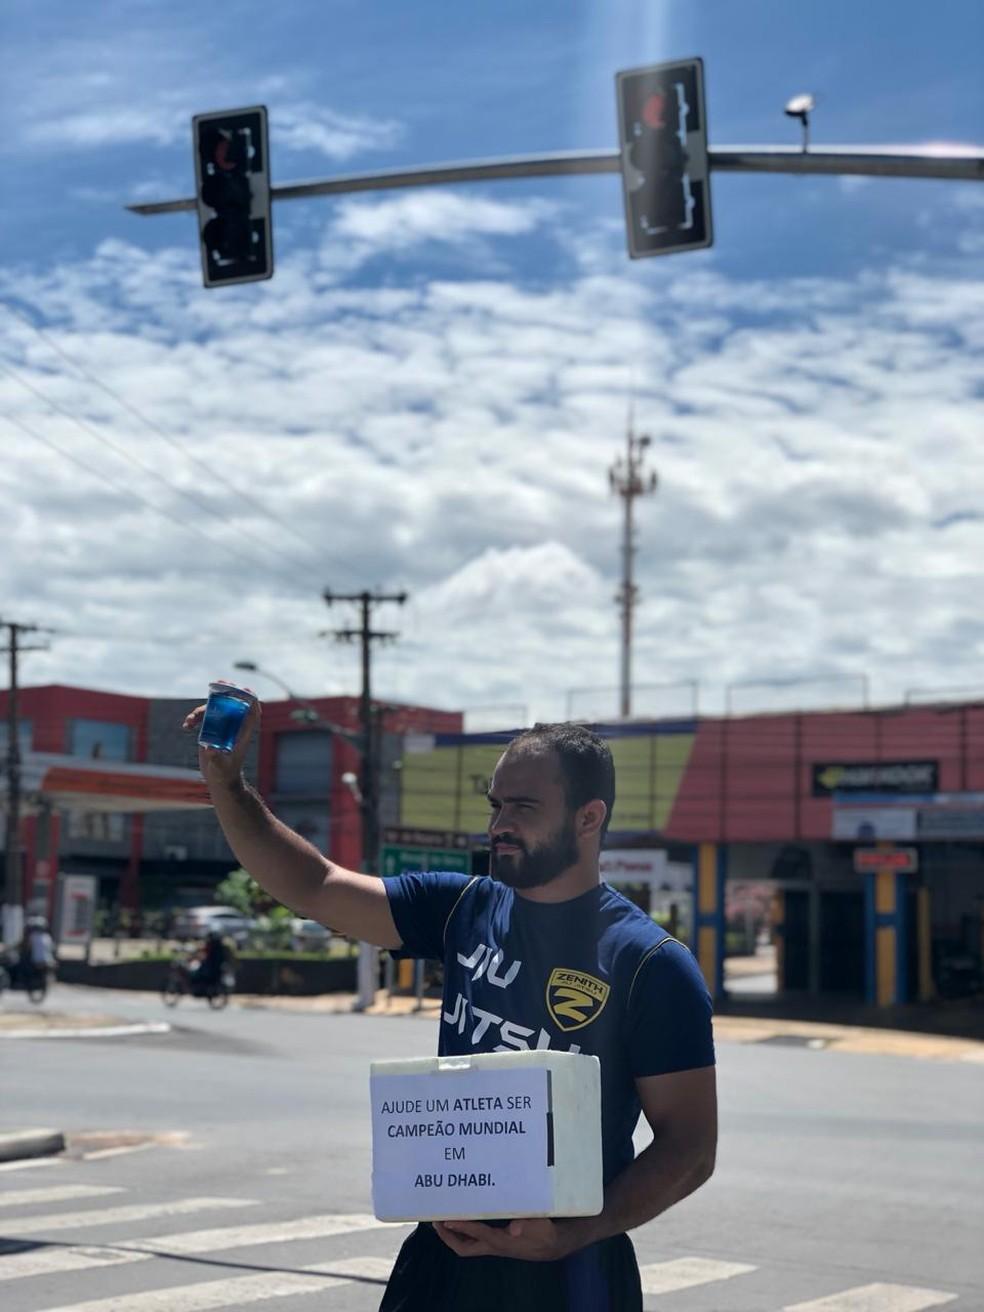 Atleta vendendo água no semáforo — Foto: Arquivo pessoal